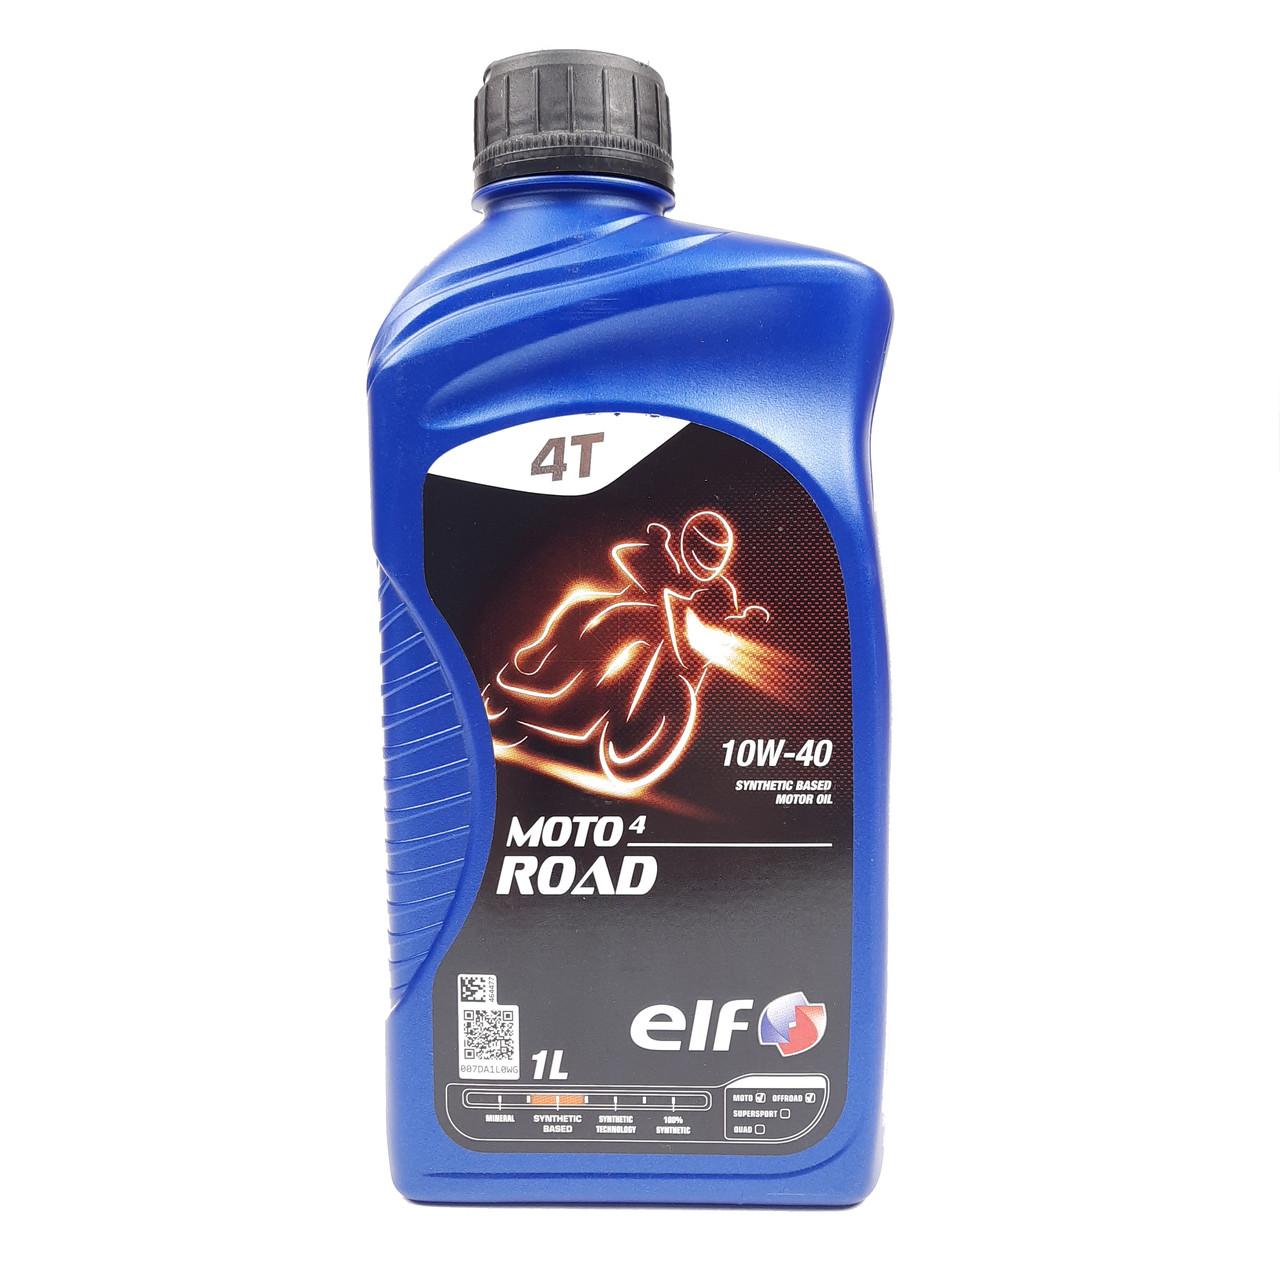 Масло 4T, 1л (SAE 10W-40, полусинтетика, ROAD, API SJ) ELF